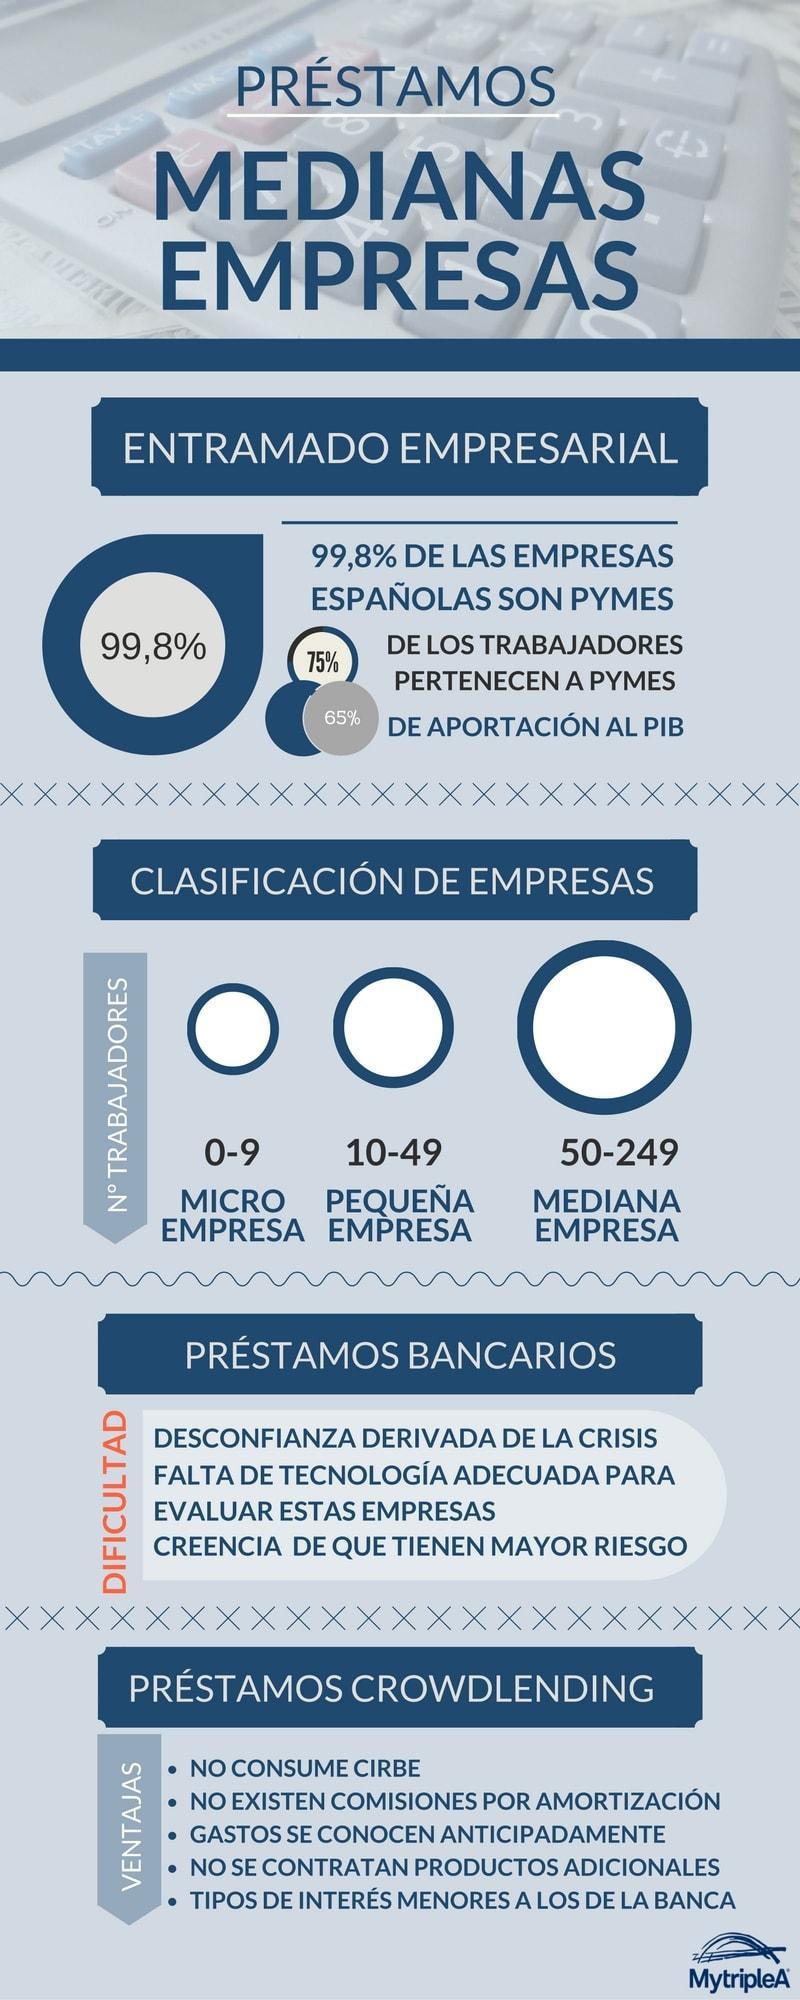 Préstamos medianas empresas infografía